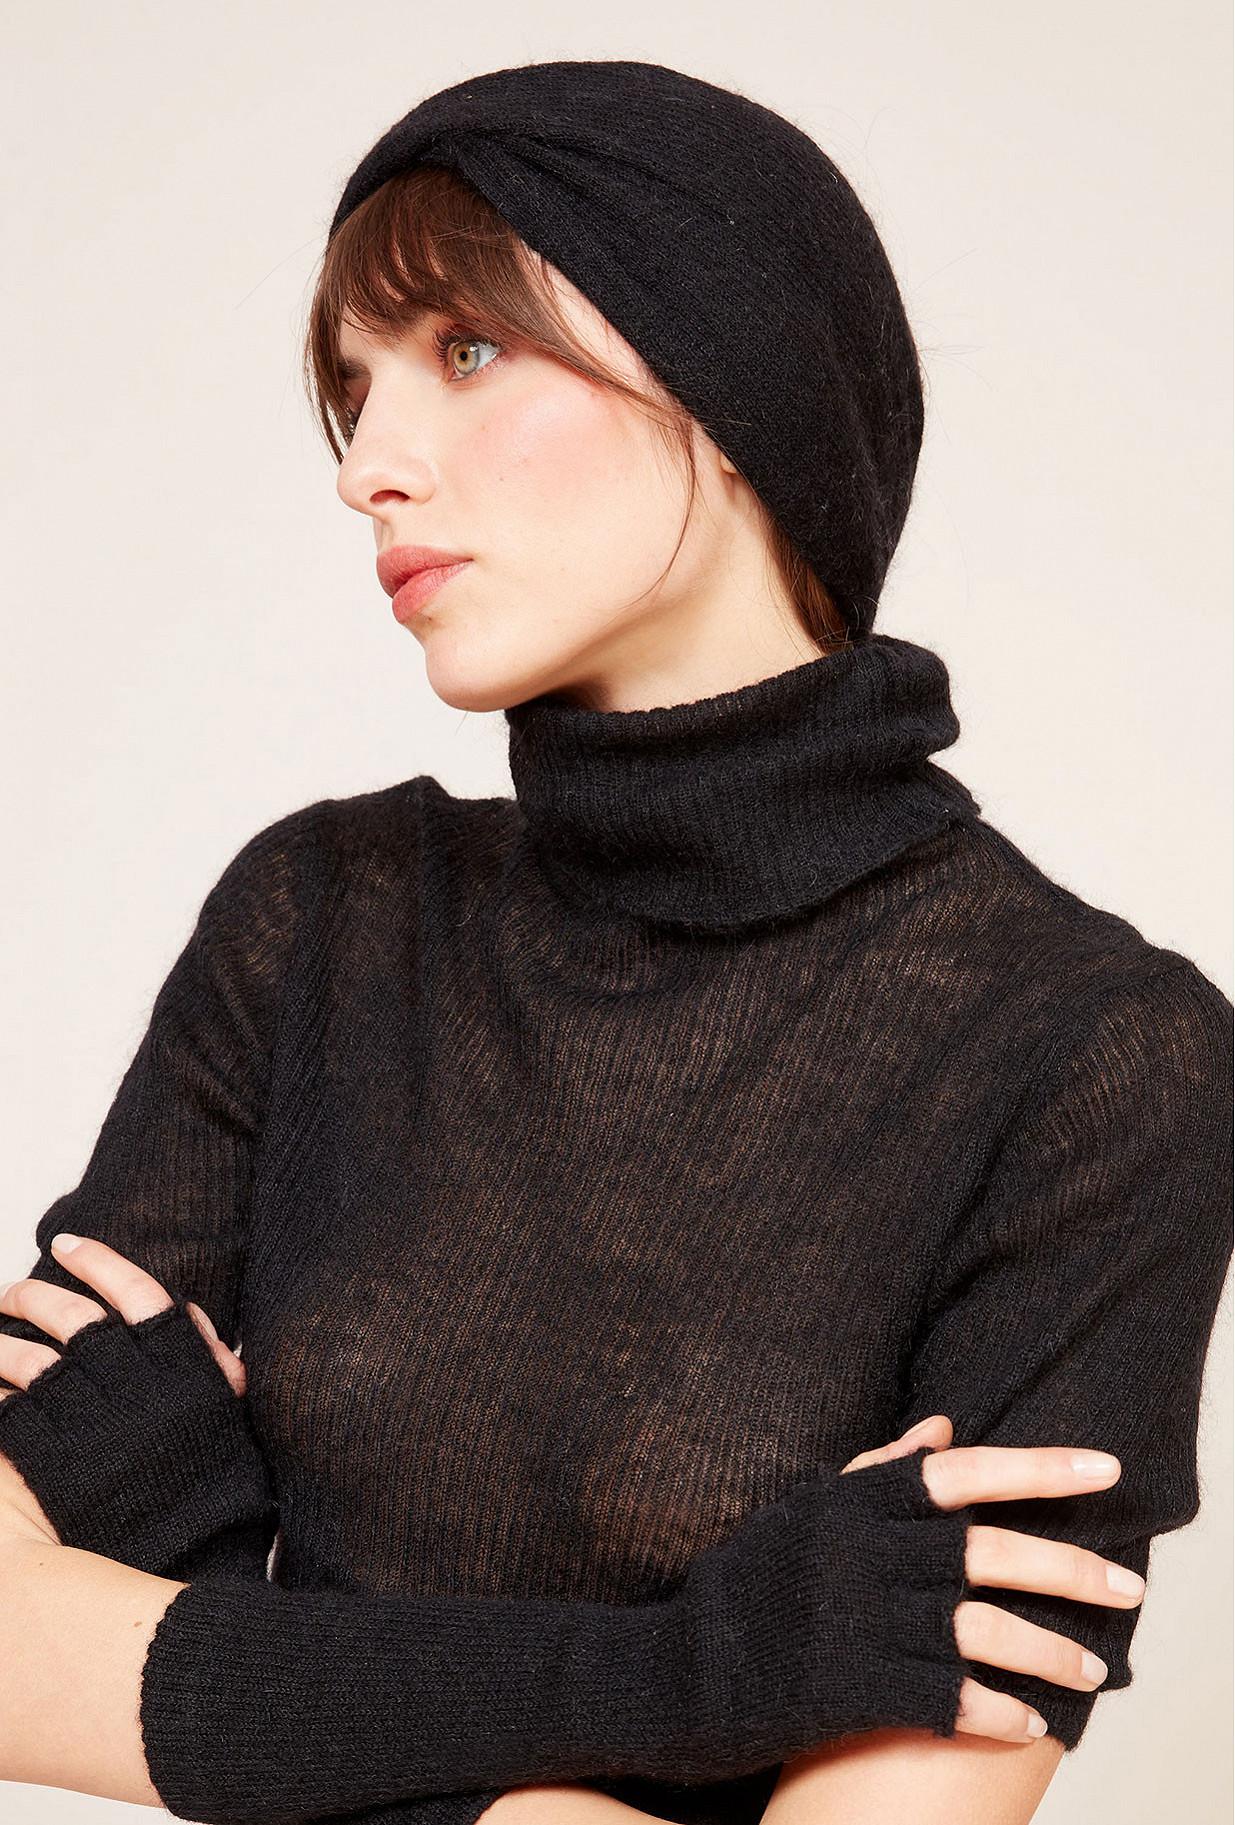 Paris boutique de mode vêtement Bandeau créateur bohème  Shal